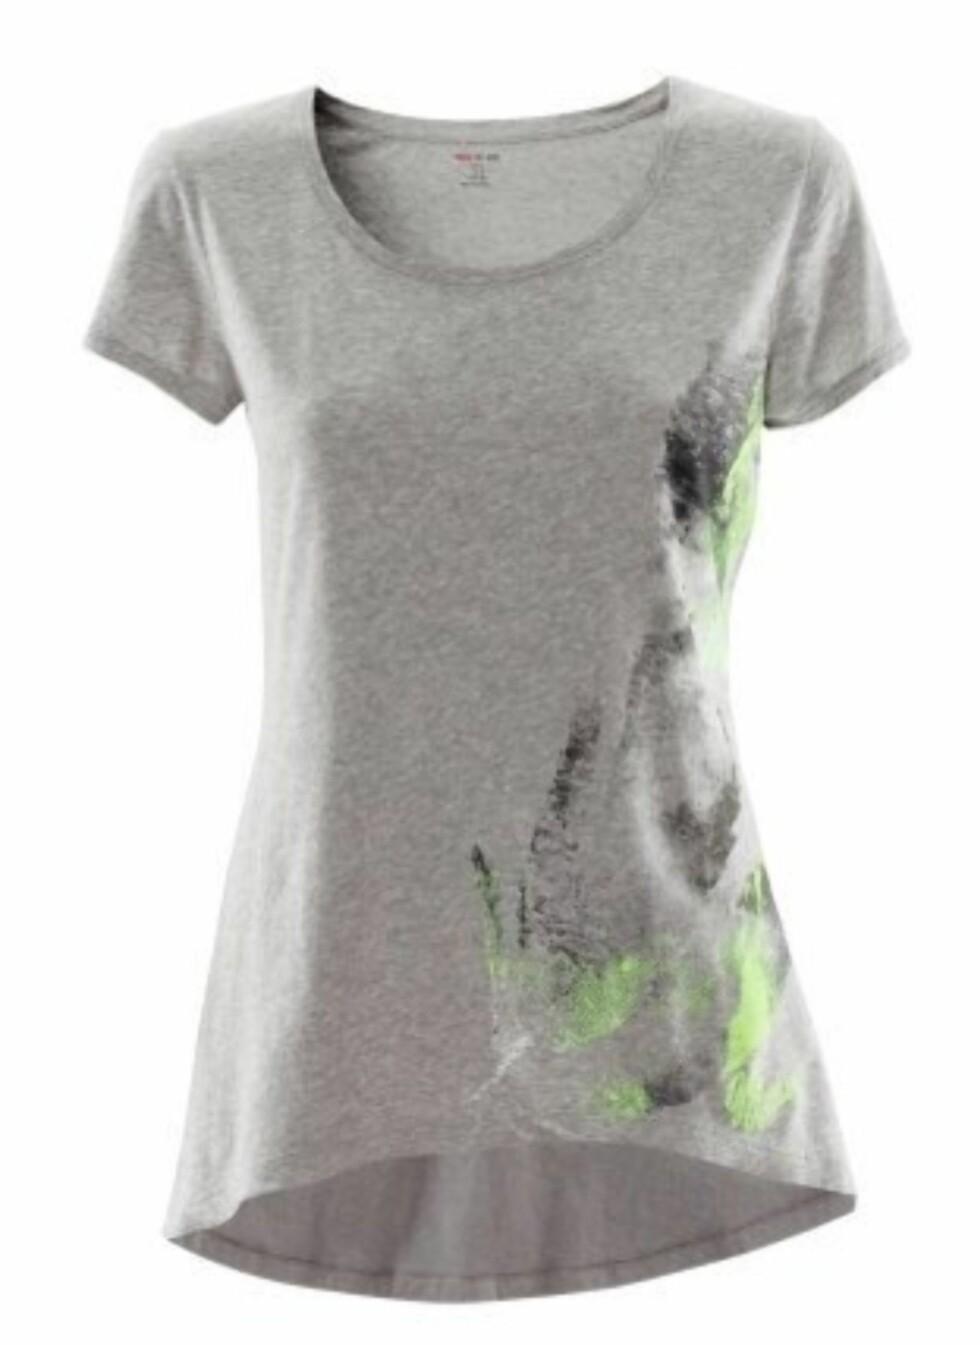 Kul trenings-tskjorte med trykk i 100 prosent bomull fra H&M. 59,50 kroner fra Hm.com.  Foto: Produsenten